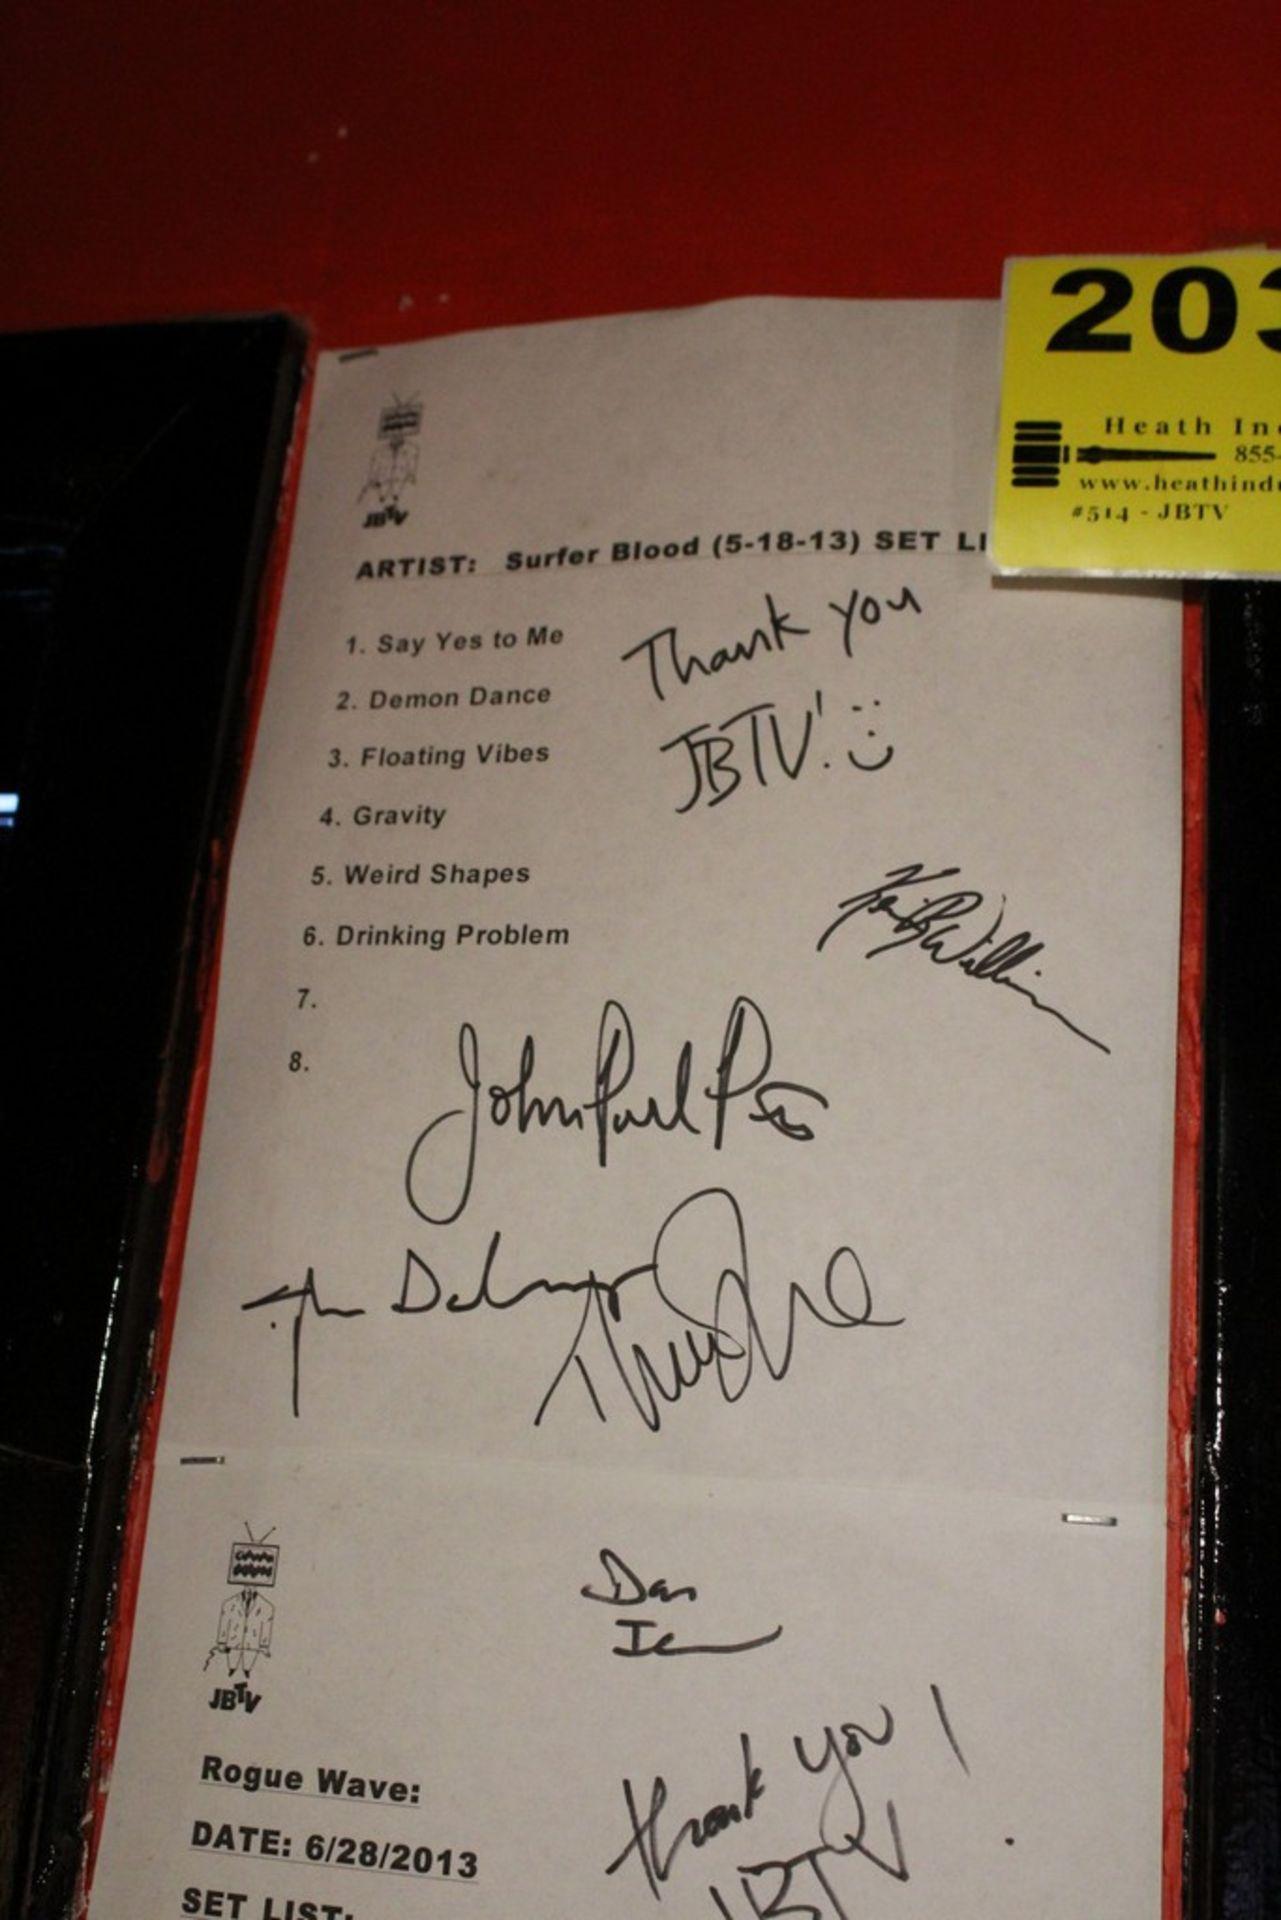 Lot 2032 - Surfer Blood Signed JBTV Signed Set List